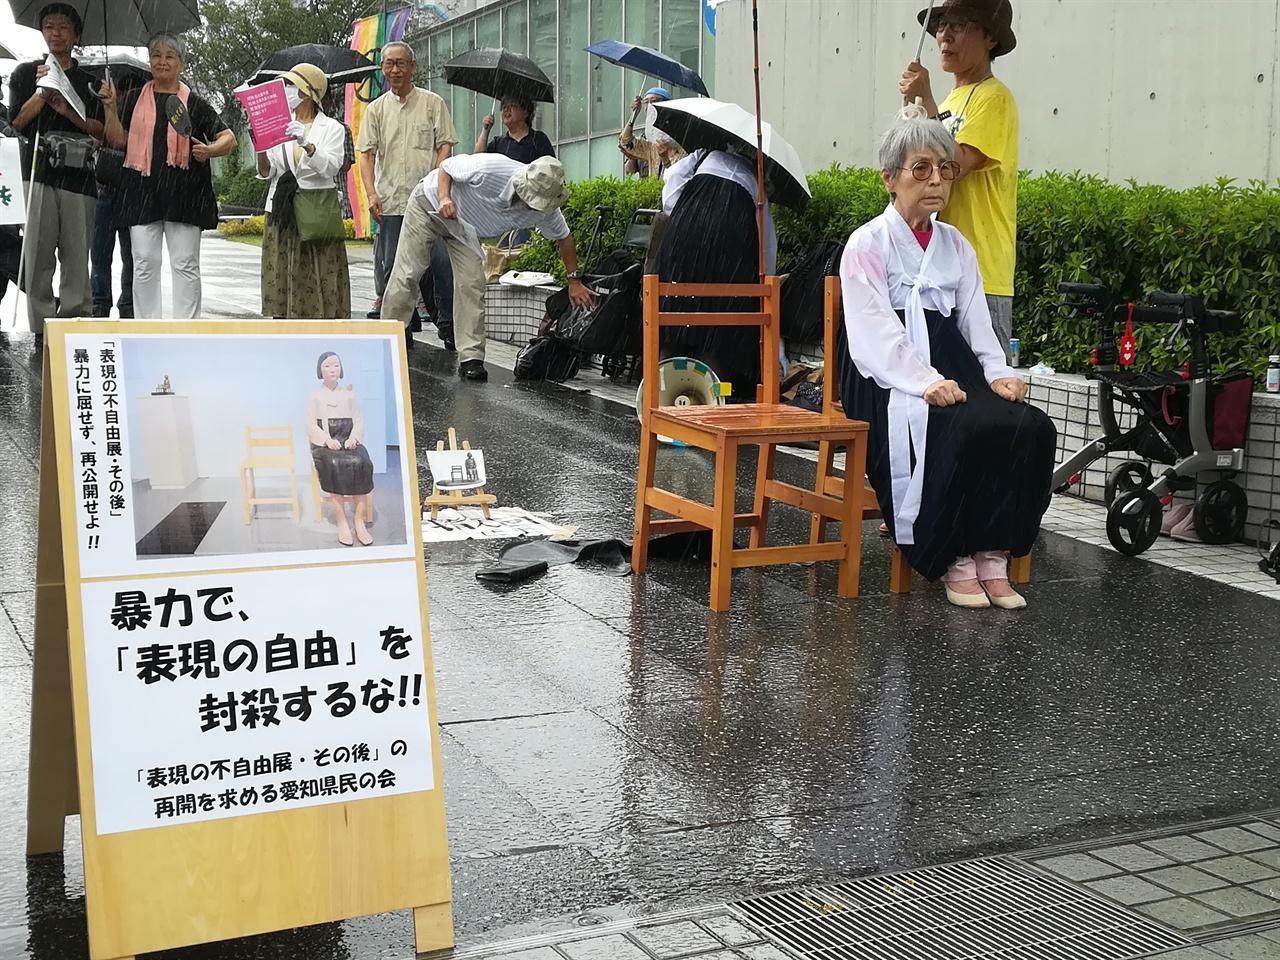 갑자기 쏟아진 폭우에도 '소녀상'의 자리를 지키는 니시 에이코씨.